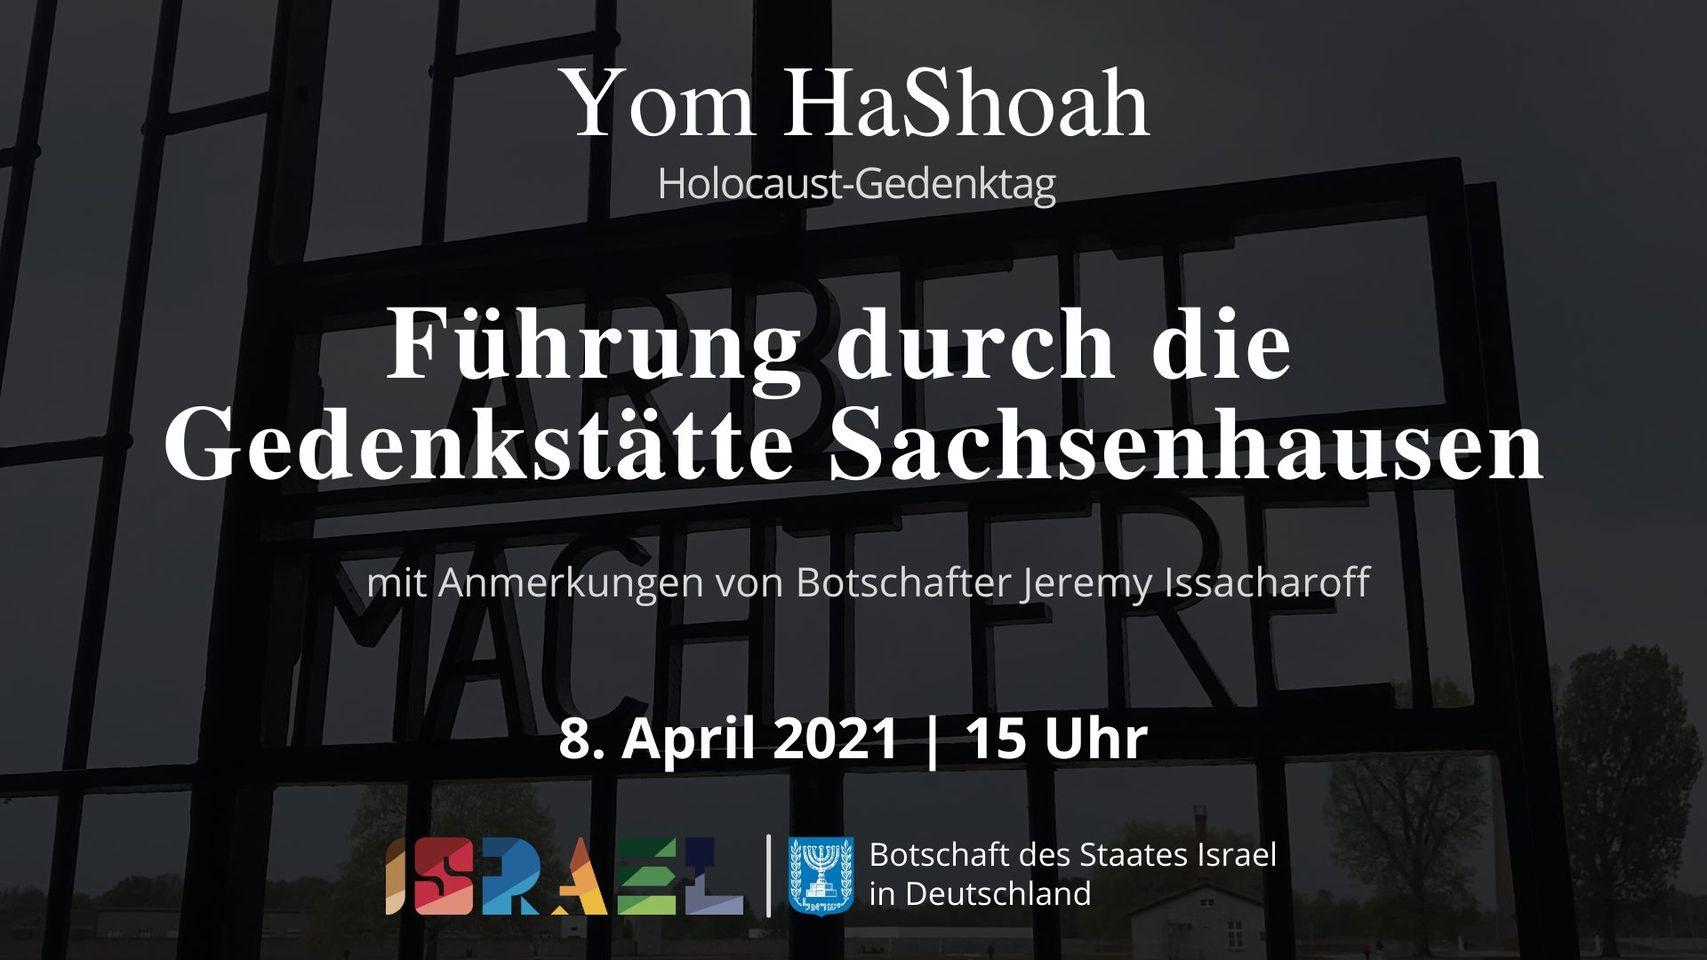 Yom HaShoah: Führung durch die Gedenkstätte Sachsenhausen